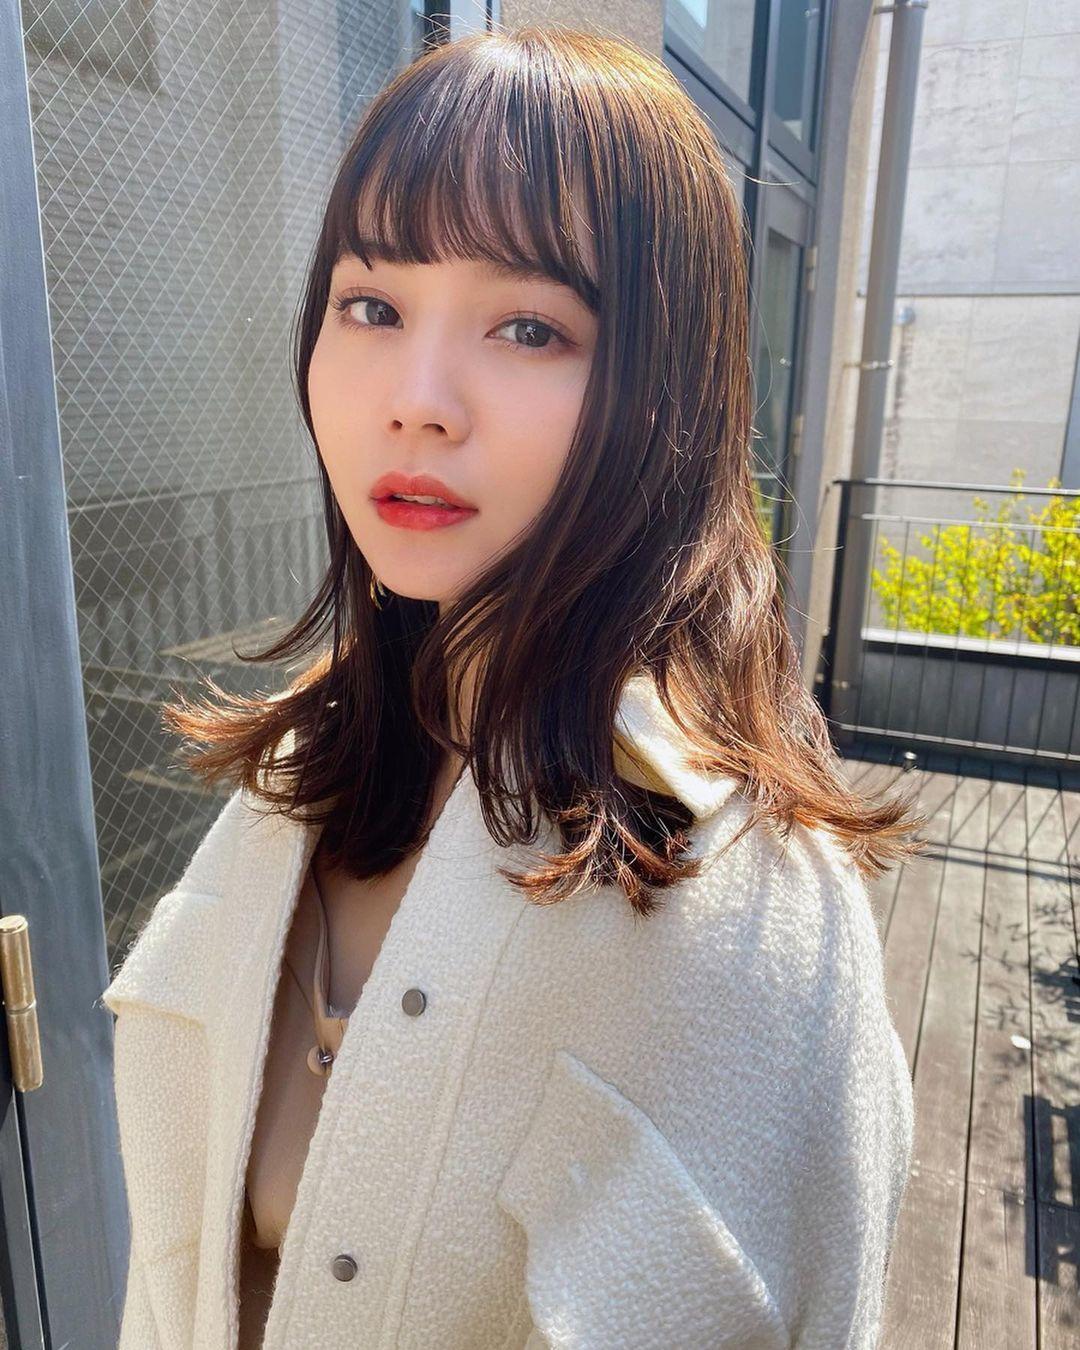 崛北真希妹妹NANAMI新生代清纯女 网络美女 第16张